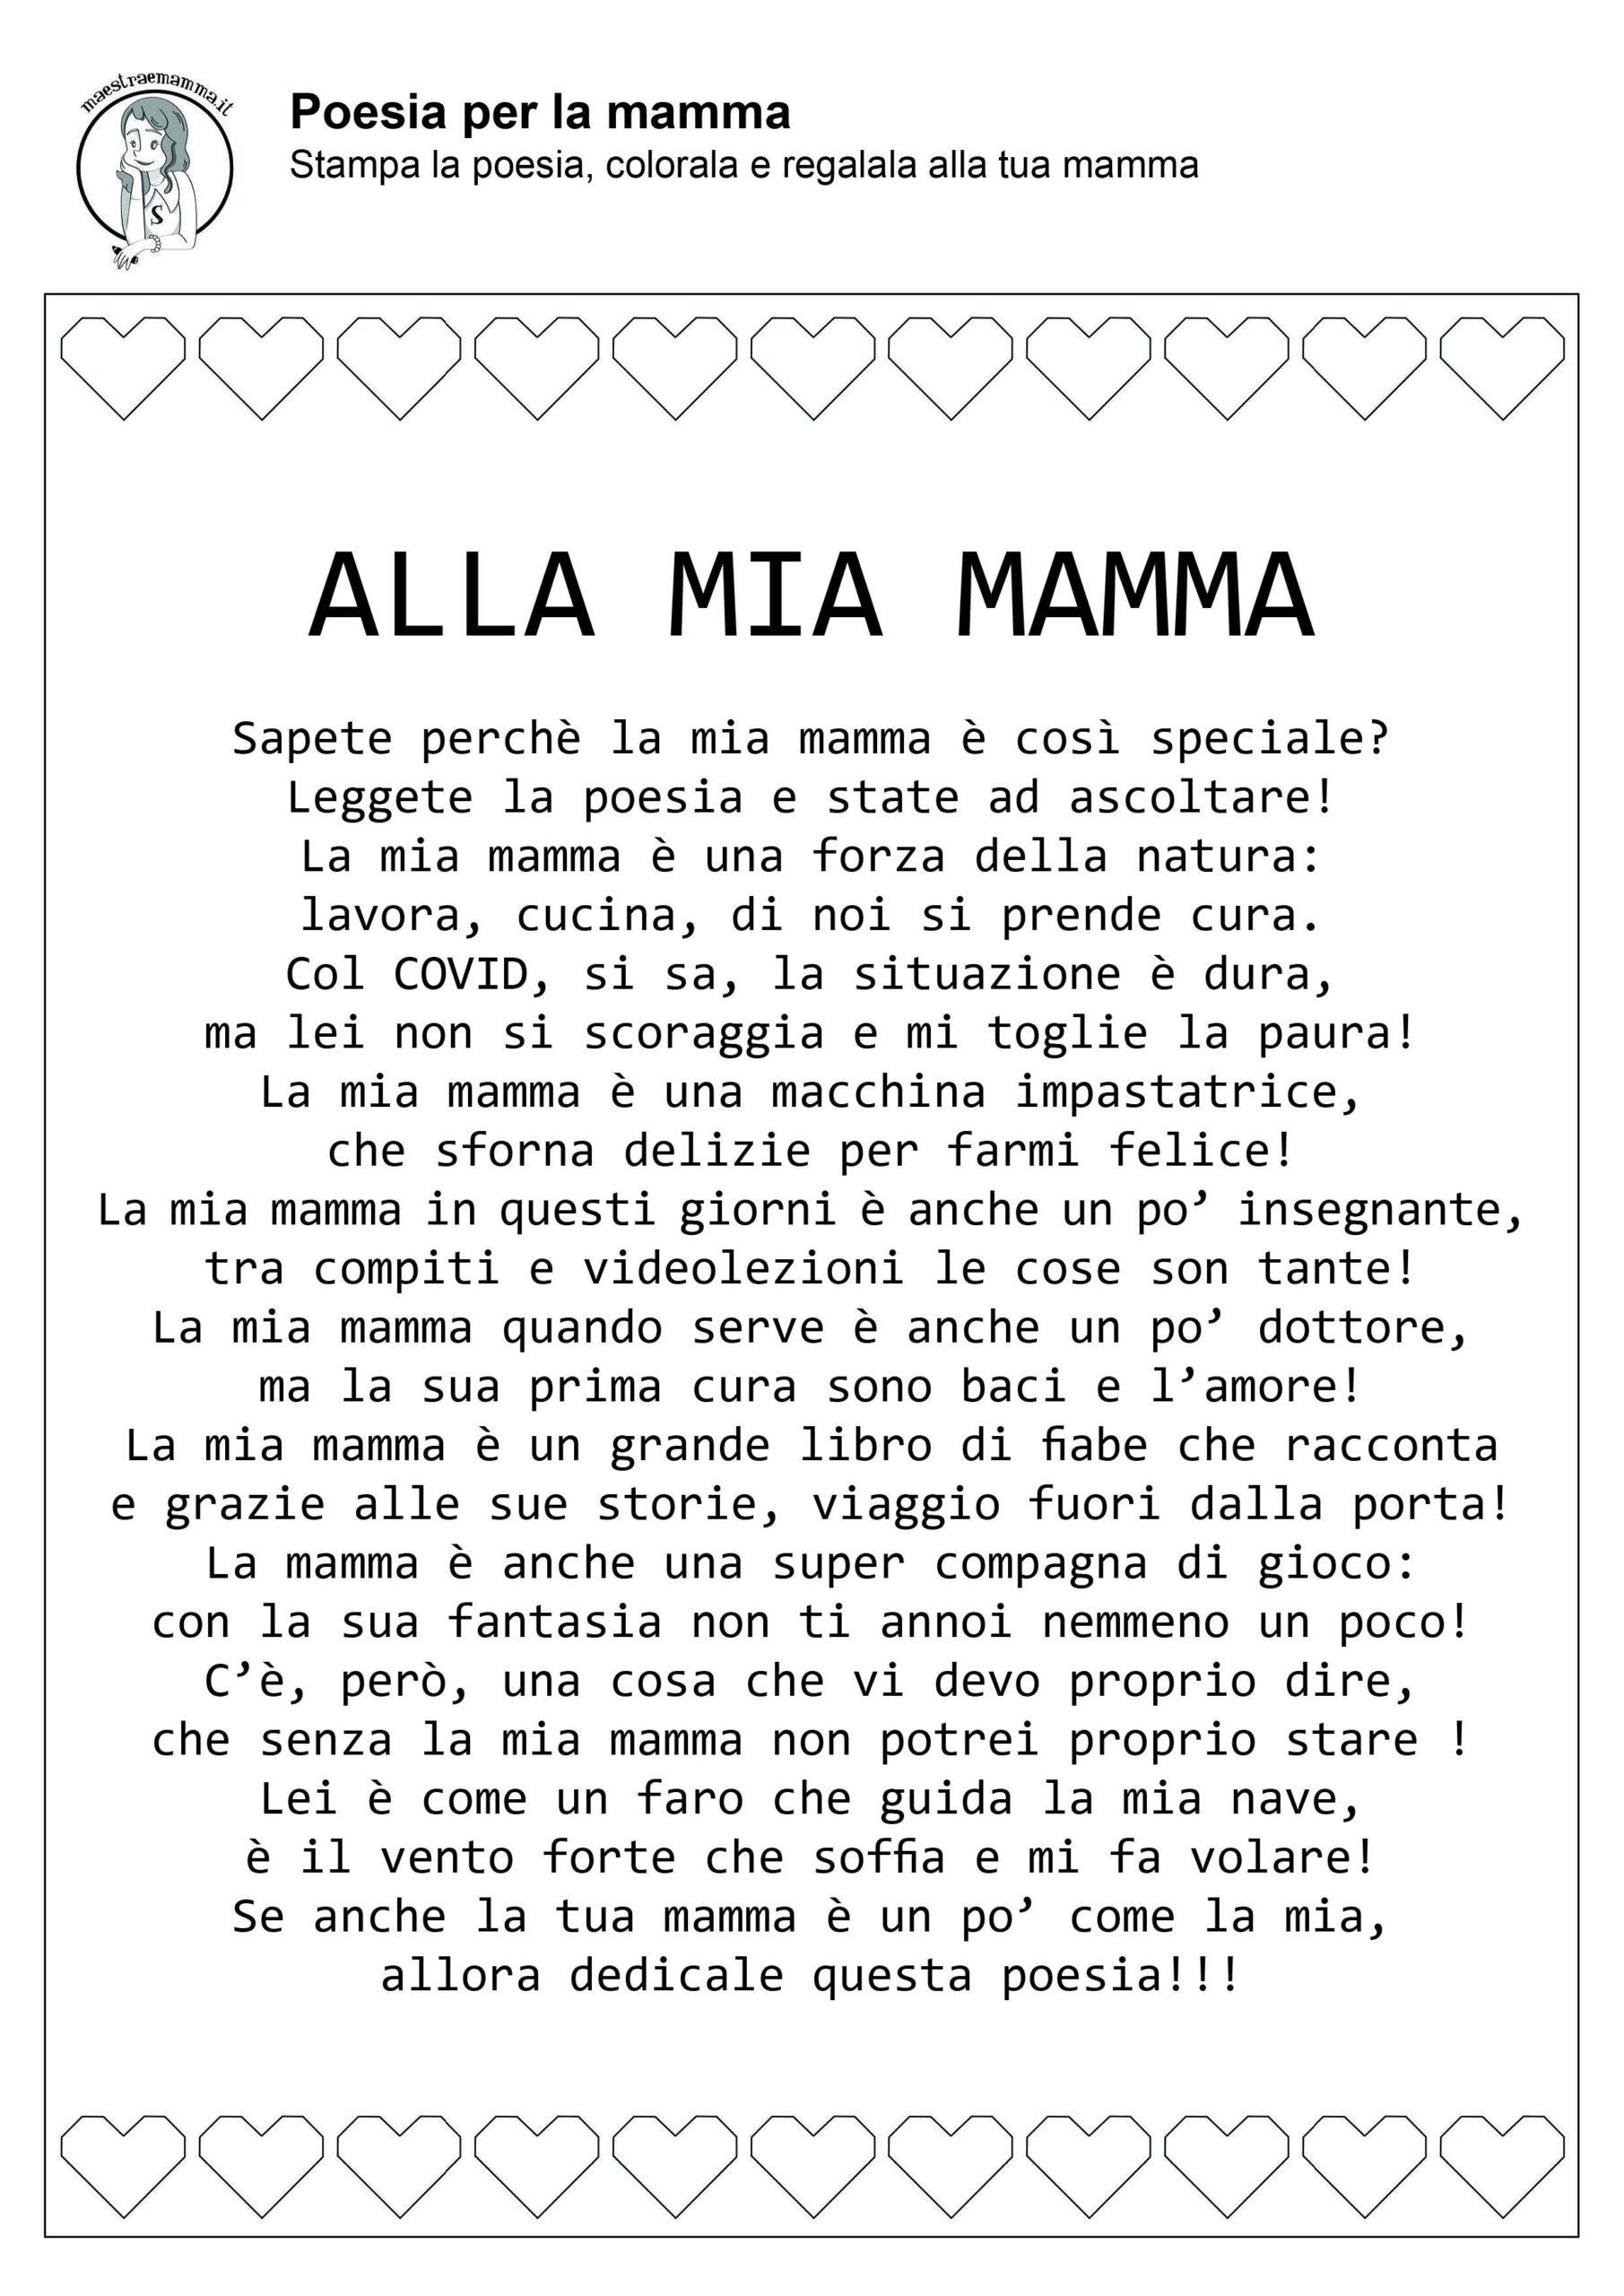 alla mia mamma-poesia-filastrocca-festa-della-mamma-in-quarantena-coronavirus-in-bianco-e-nero